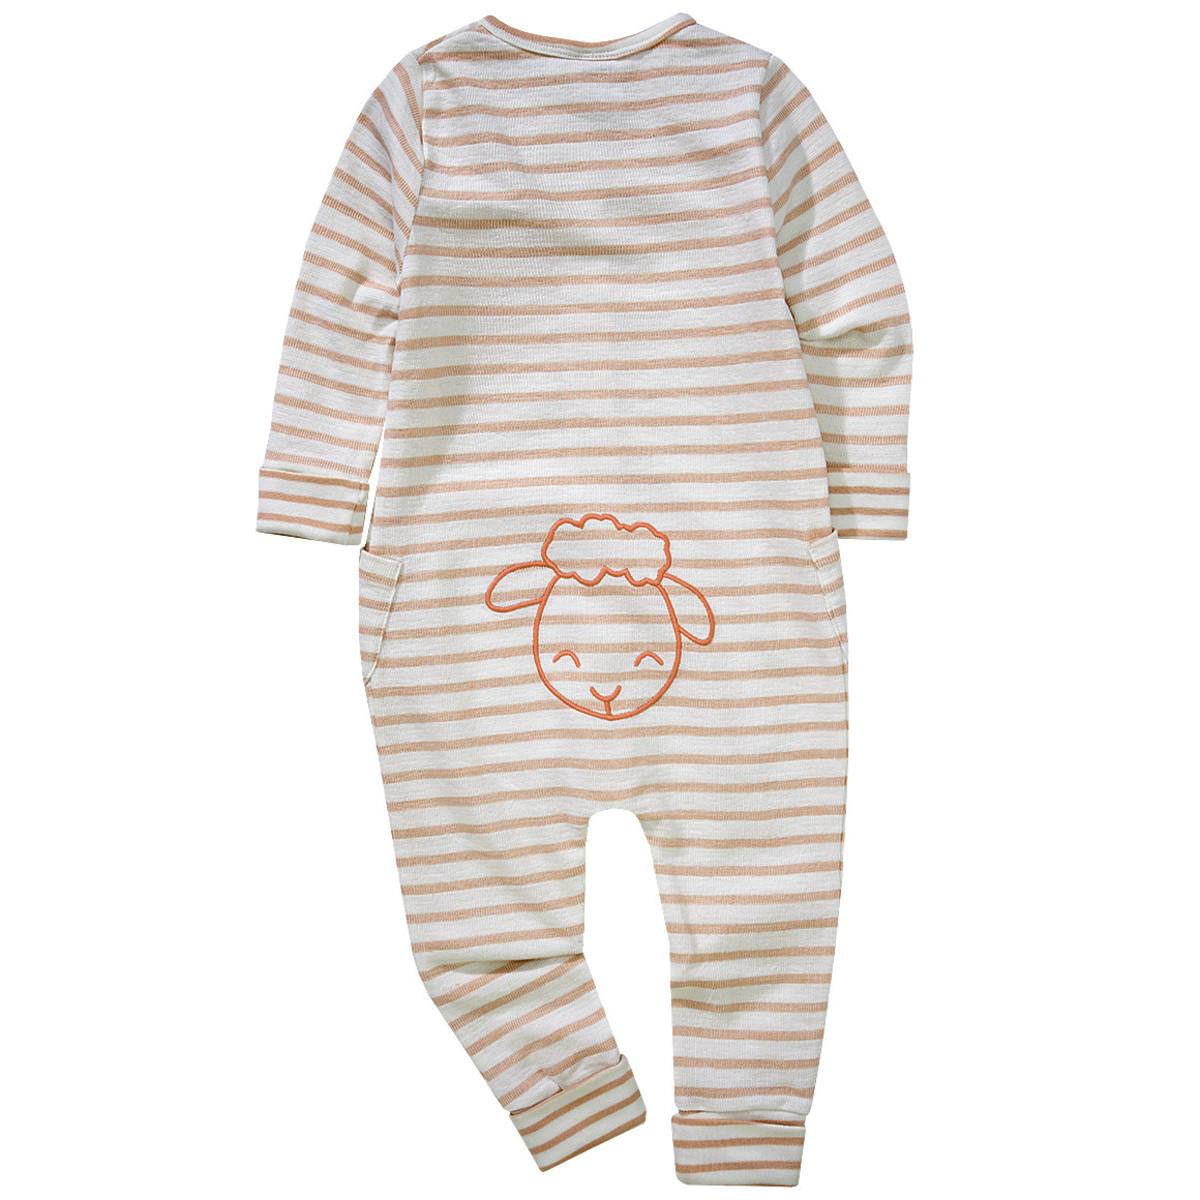 Bild 2 von Baby Schlafanzug im Streifen-Design